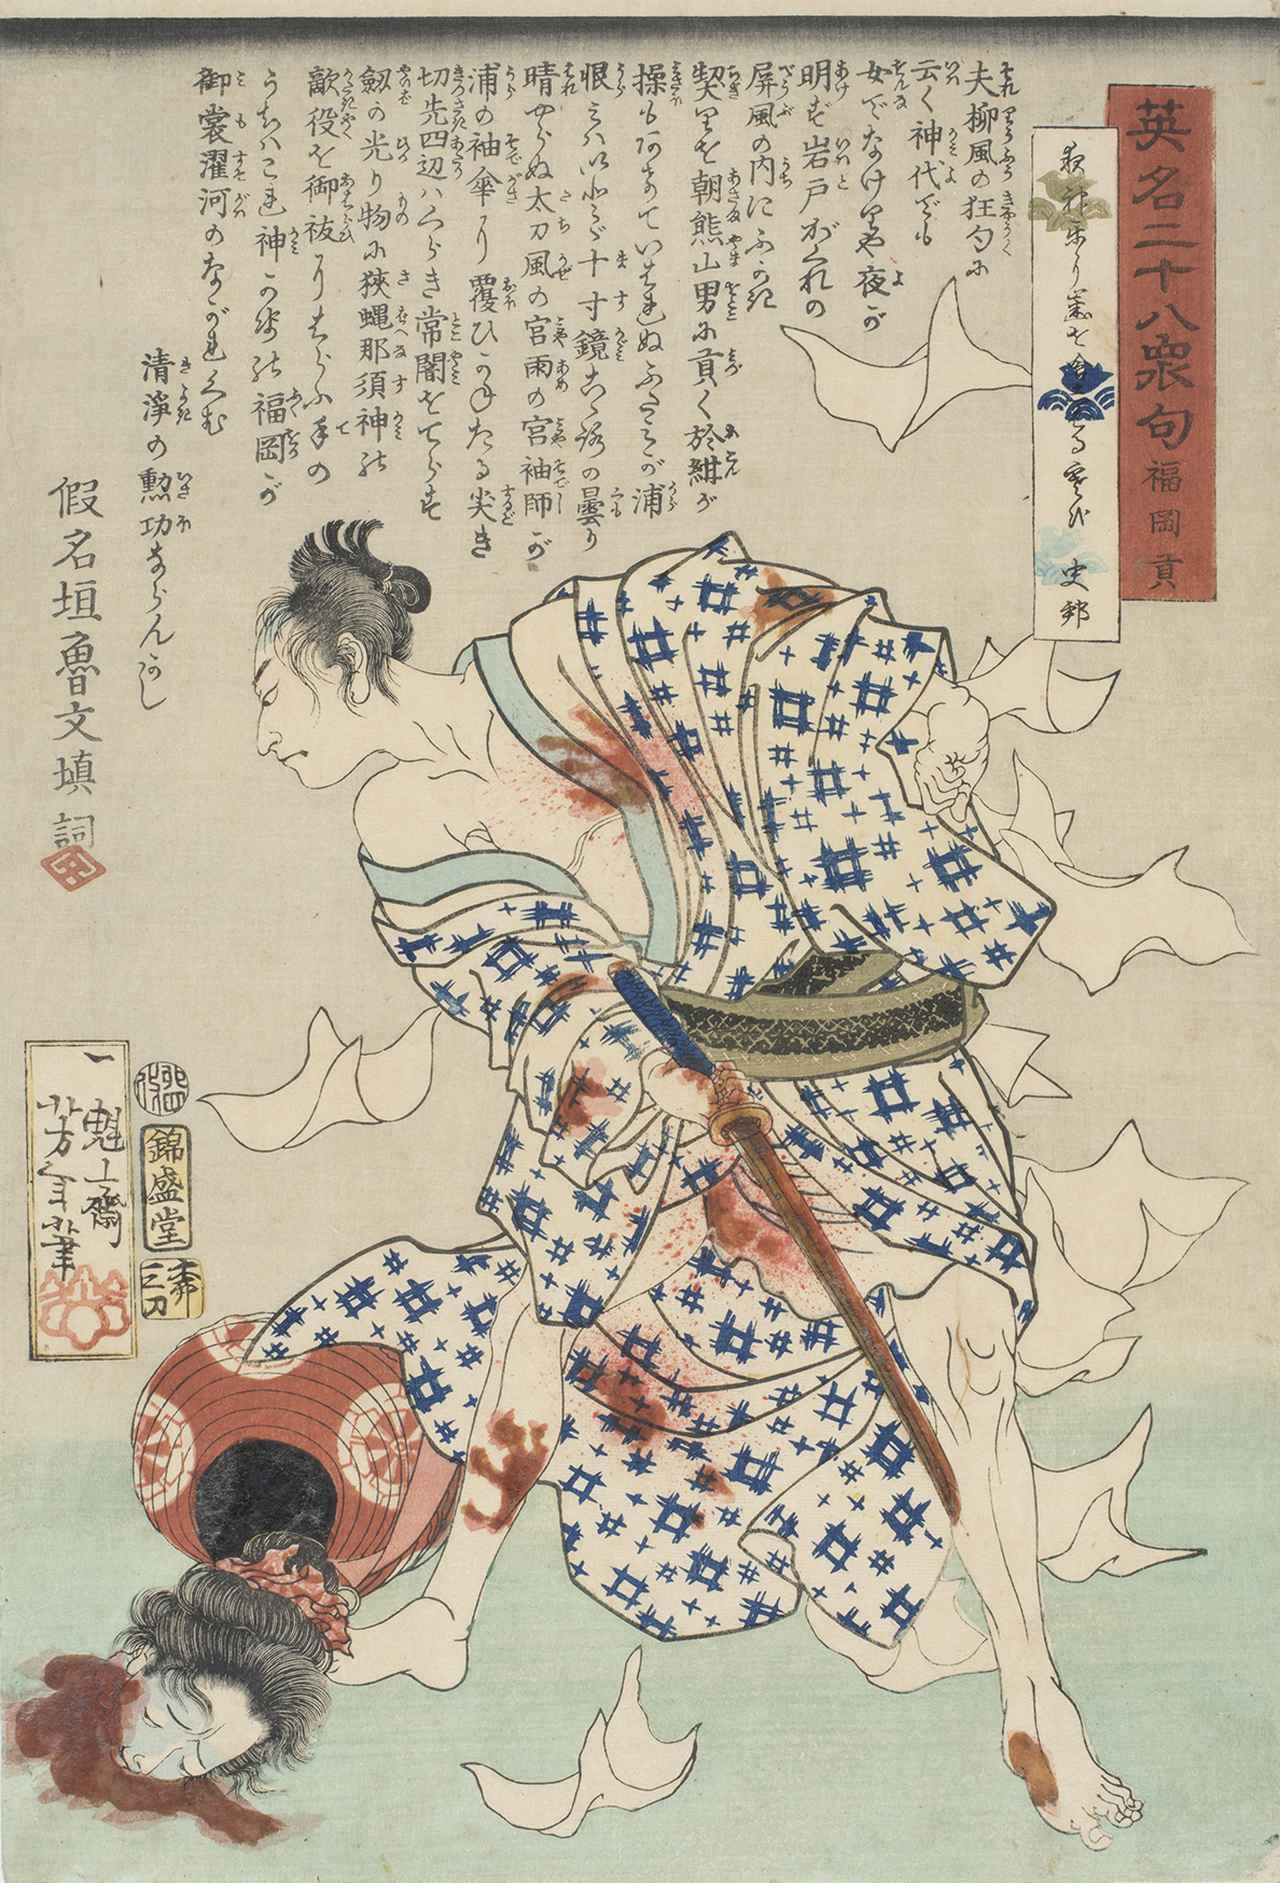 画像: 月岡芳年「英名二十八衆句 福岡貢」名古屋市博物館蔵(尾崎久弥コレクション)